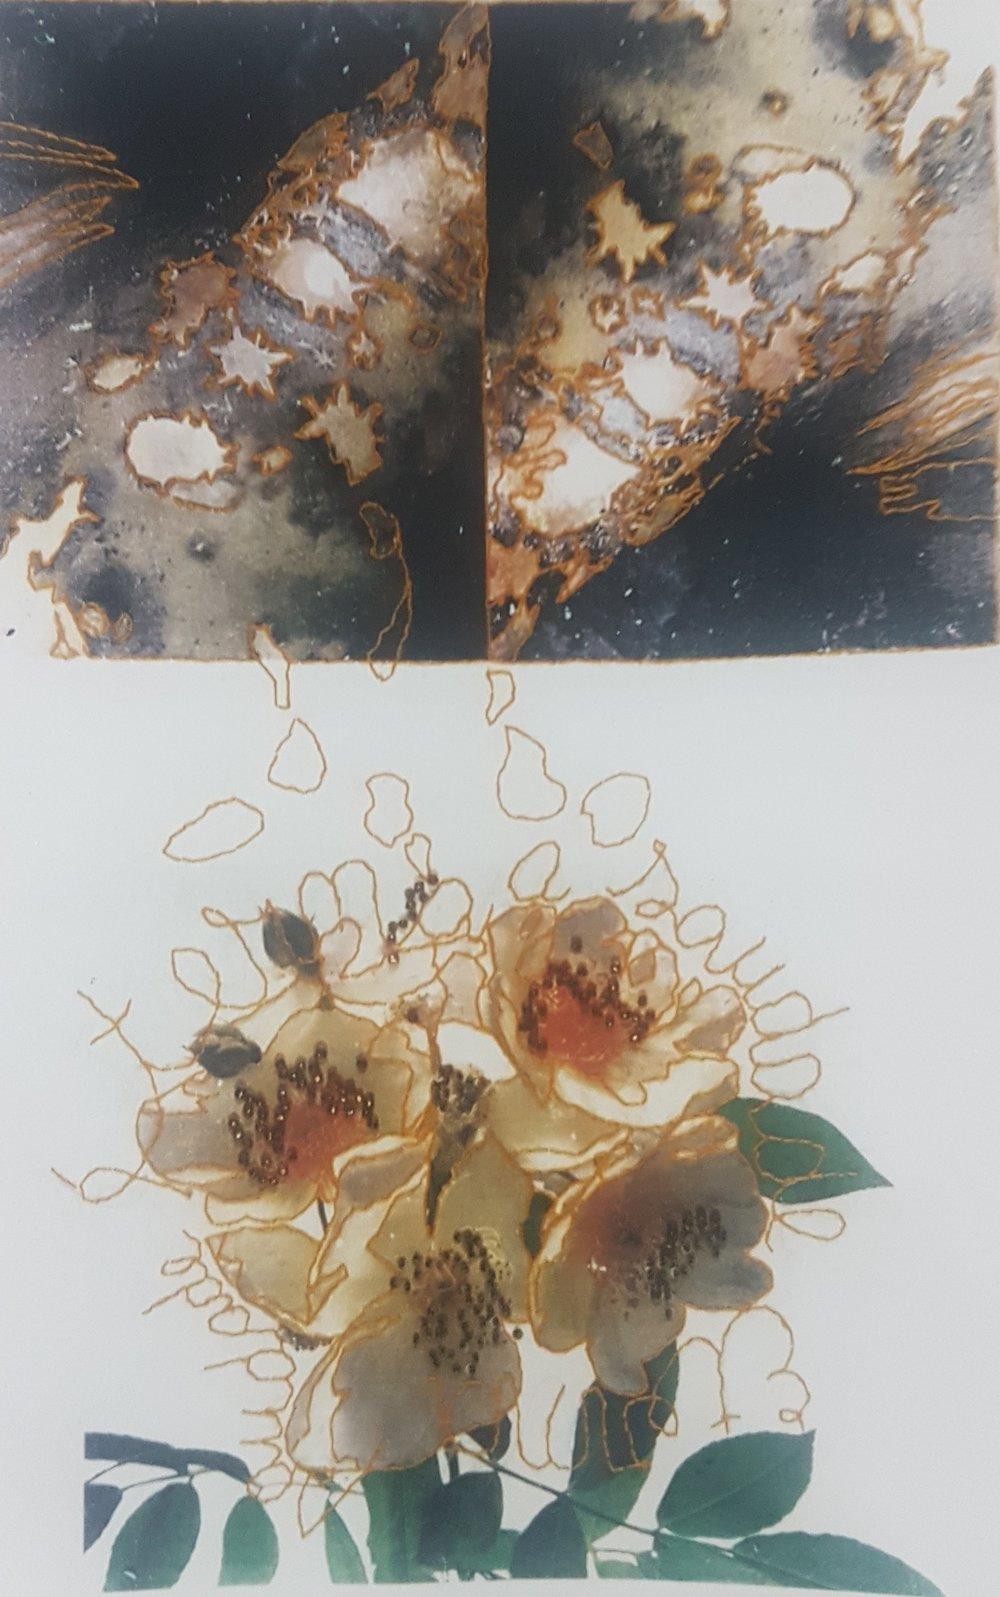 Gilda Goulart, série Severina, transfer da foto feito sob saco de farinha, bordado em ponto de alinhavo, 93 x 65 cm